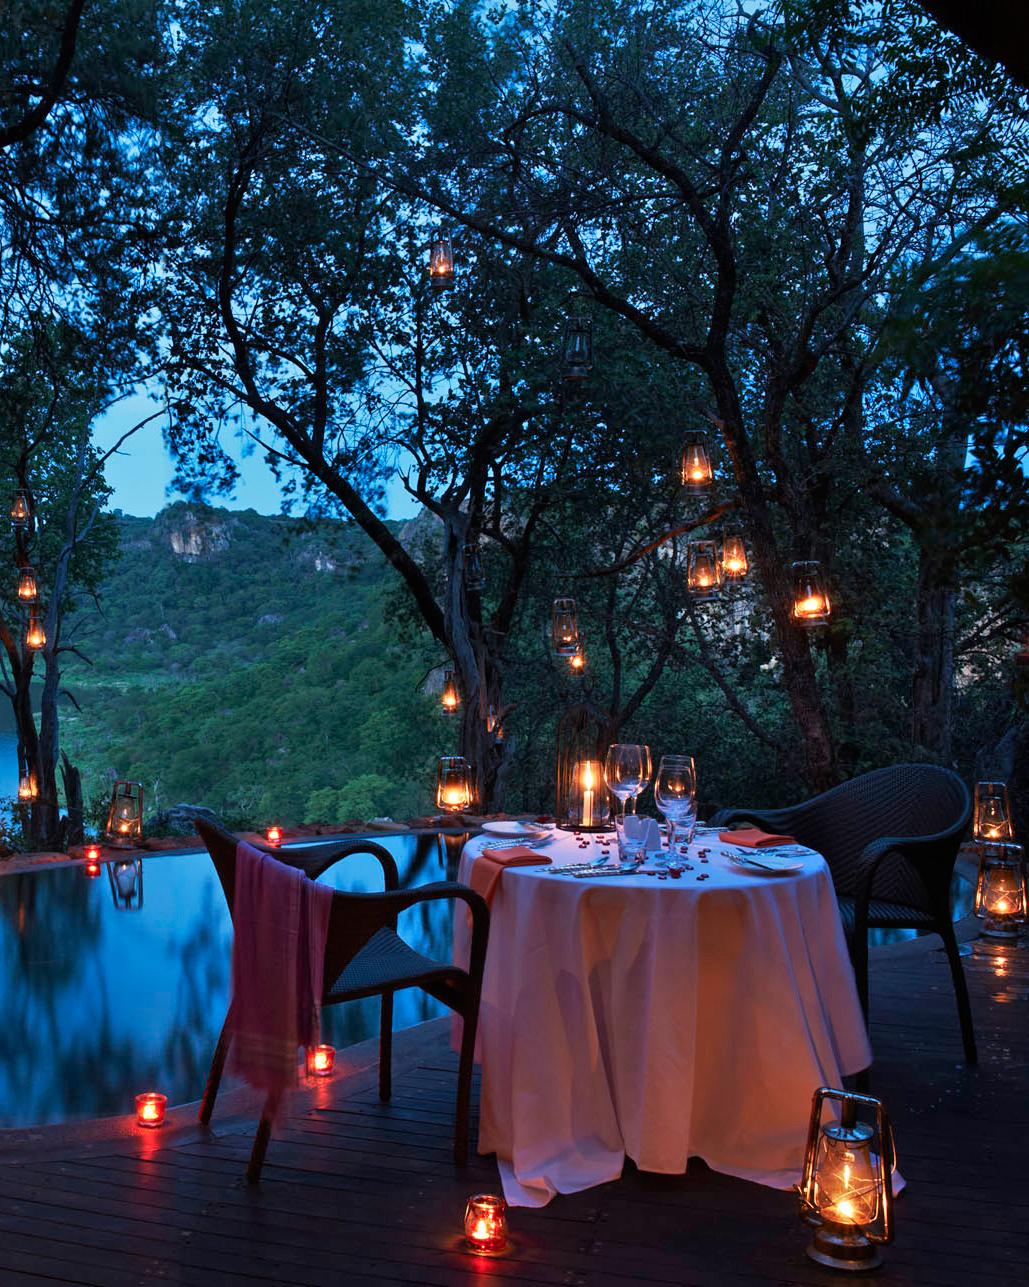 singita-pamushana-lodge-africa-wedding-venue-dinner-0815.jpg